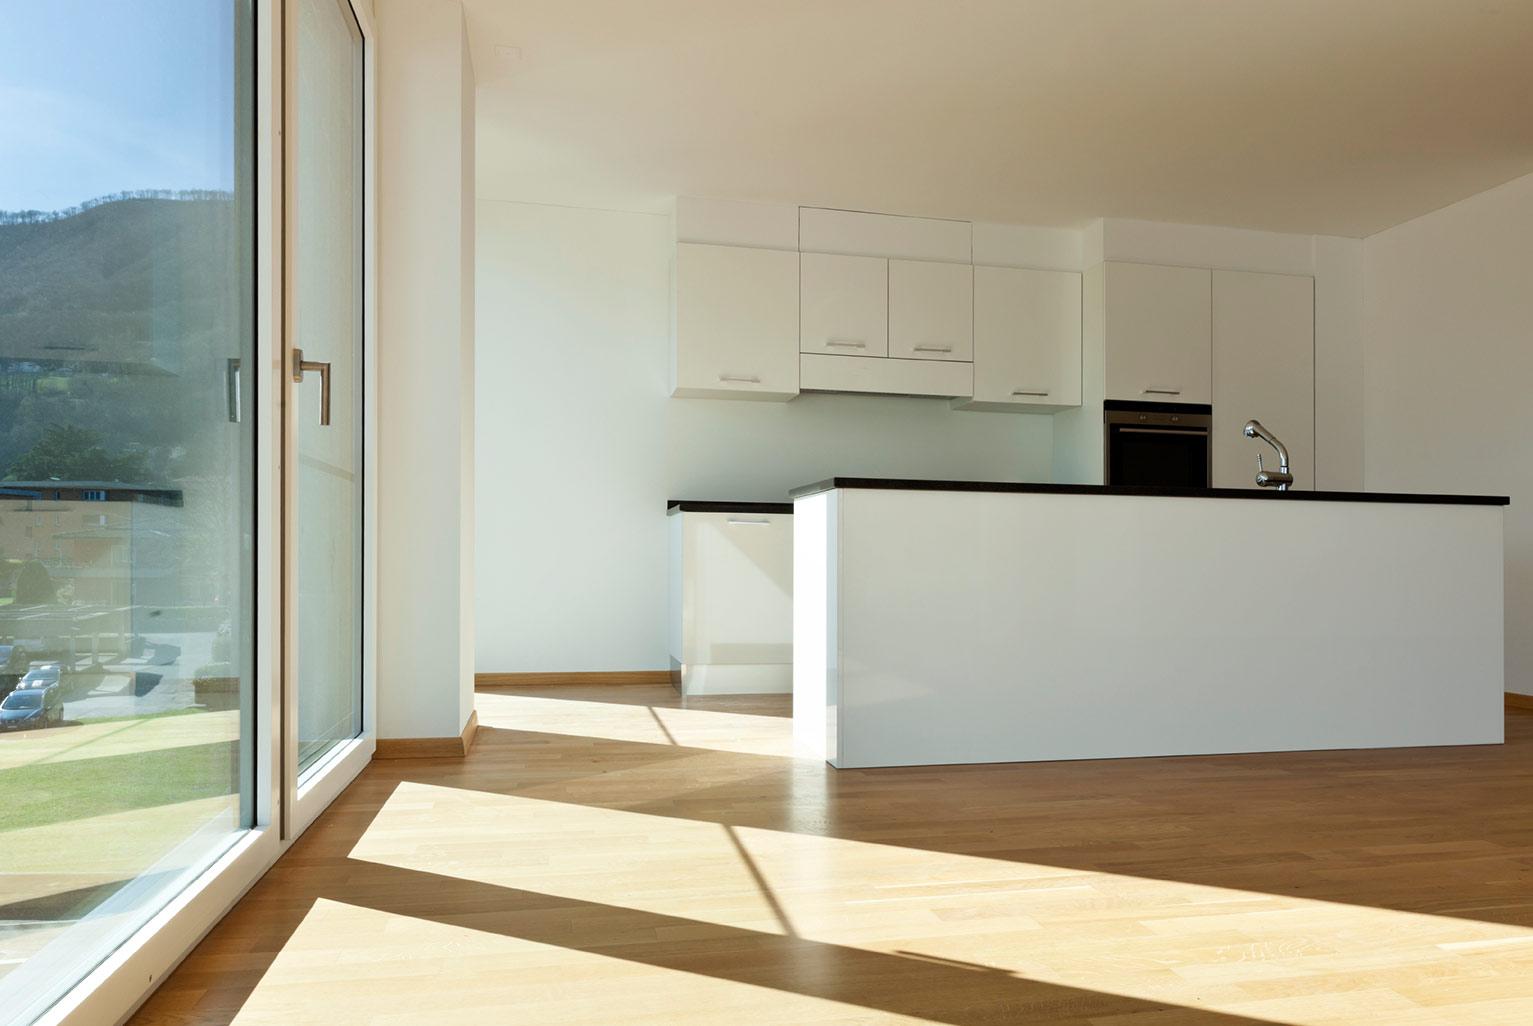 Weiße Küche in einem leeren Raum mit großer Fensterfront.